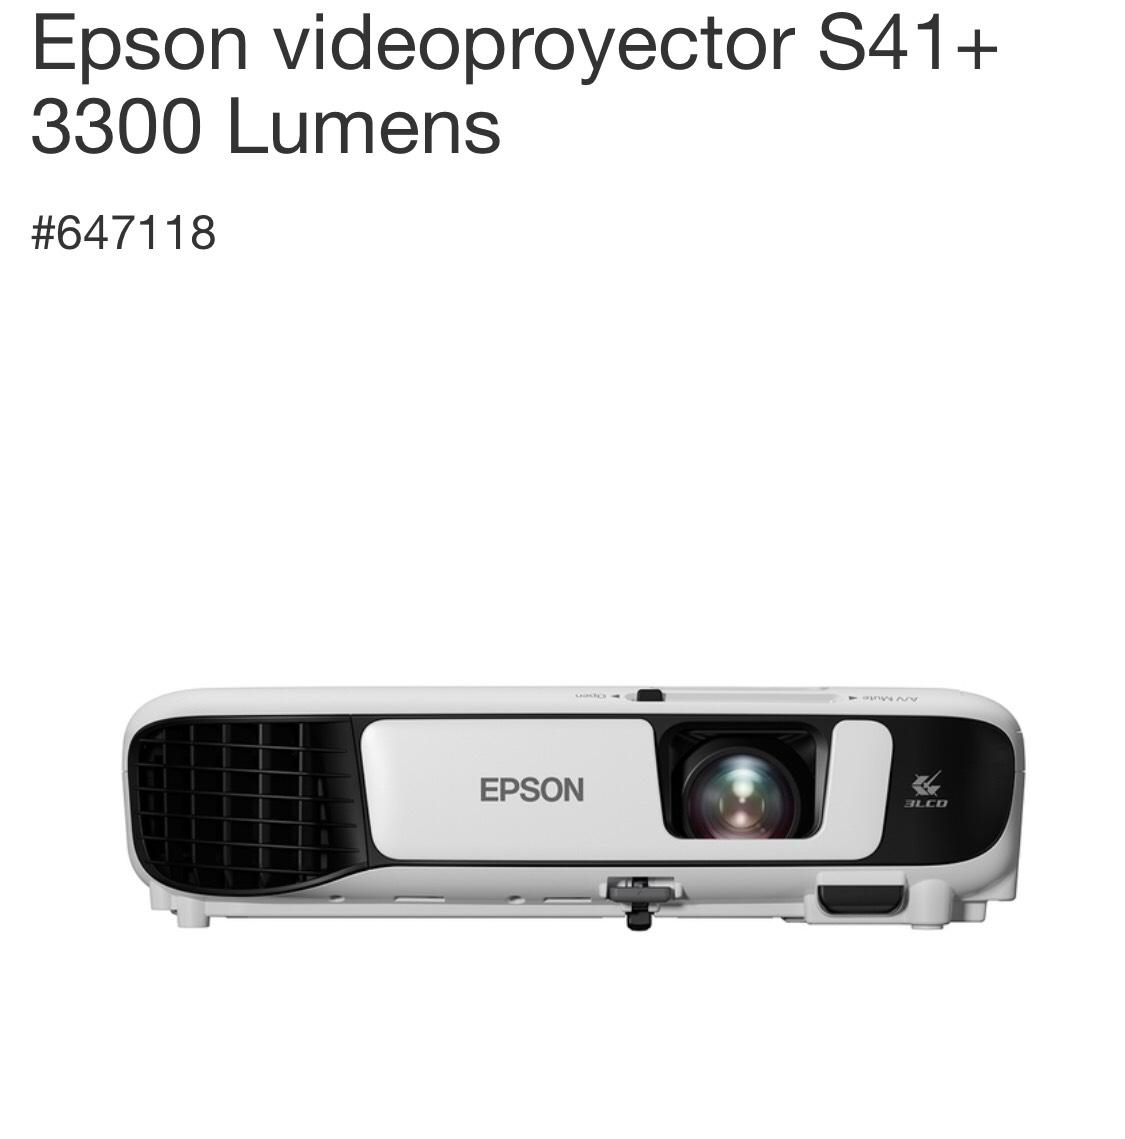 Costco: Epson videoproyector S41+ 3300 Lumens con Descuento de $2,000 pesos y envío gratis!!